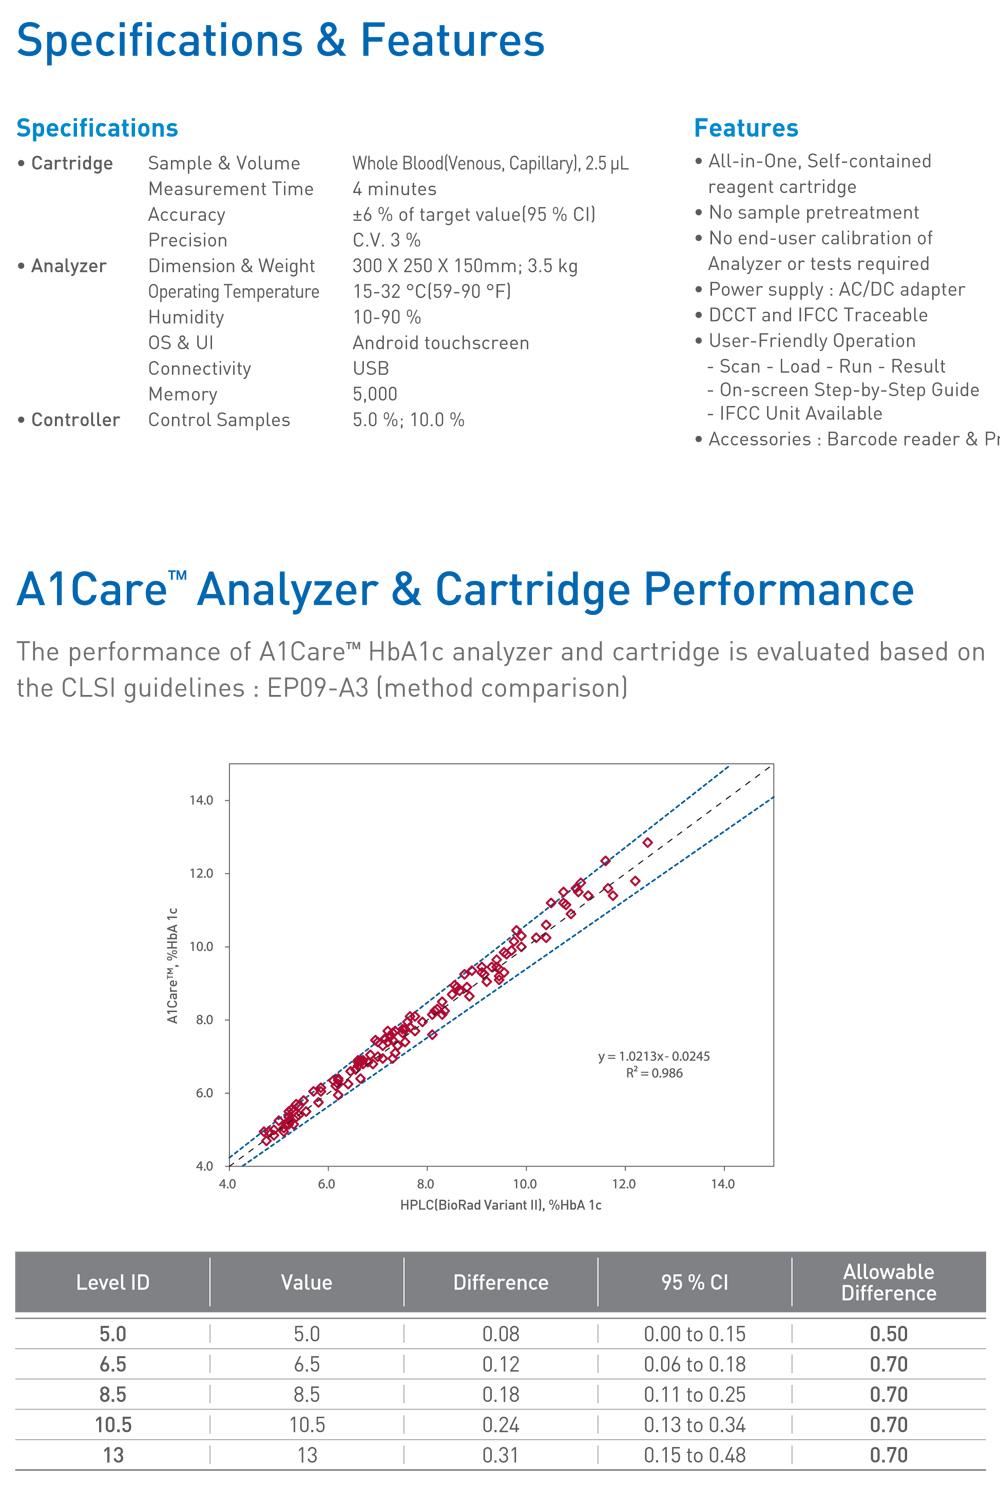 POCT HbA1c Analyzer